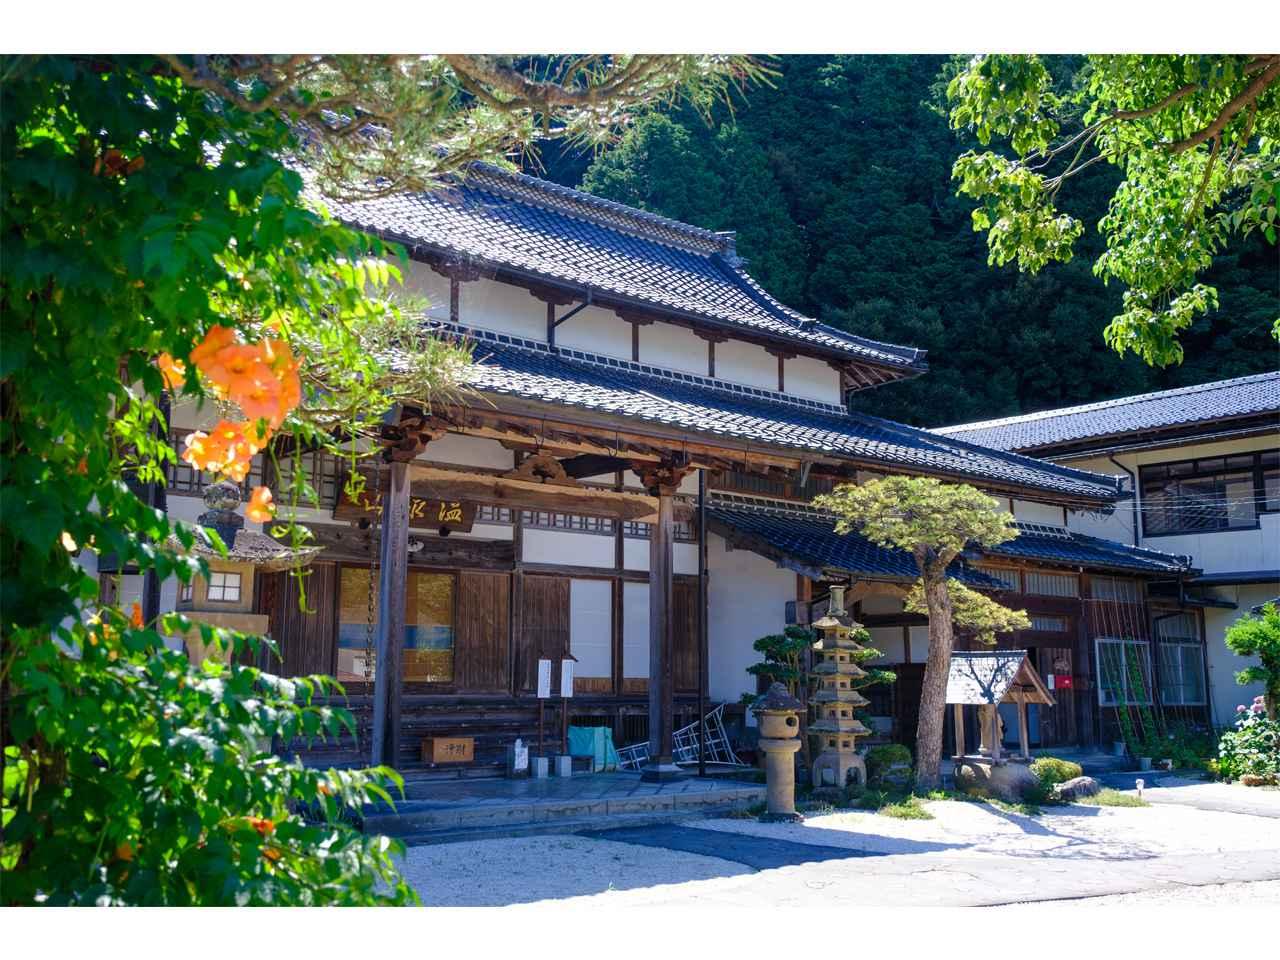 画像: 玉造温泉にある温泉山清巌寺。